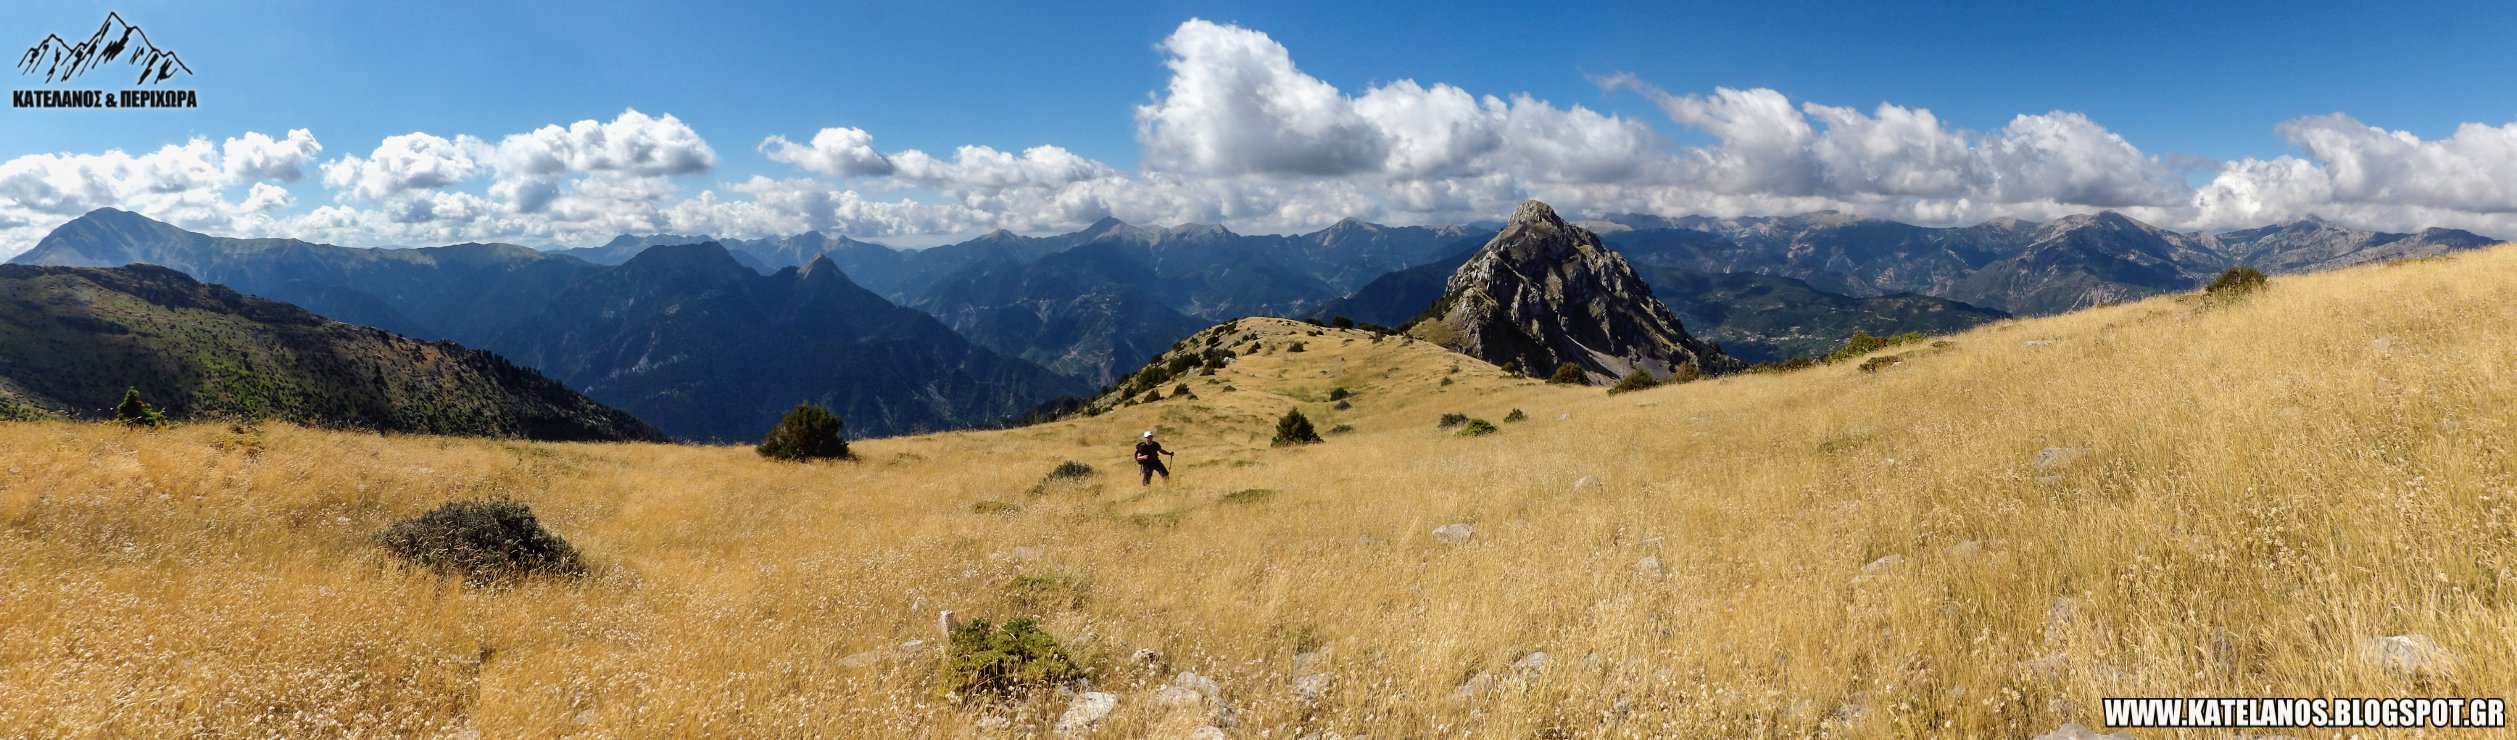 ραχη χελιδονας ορειβασια